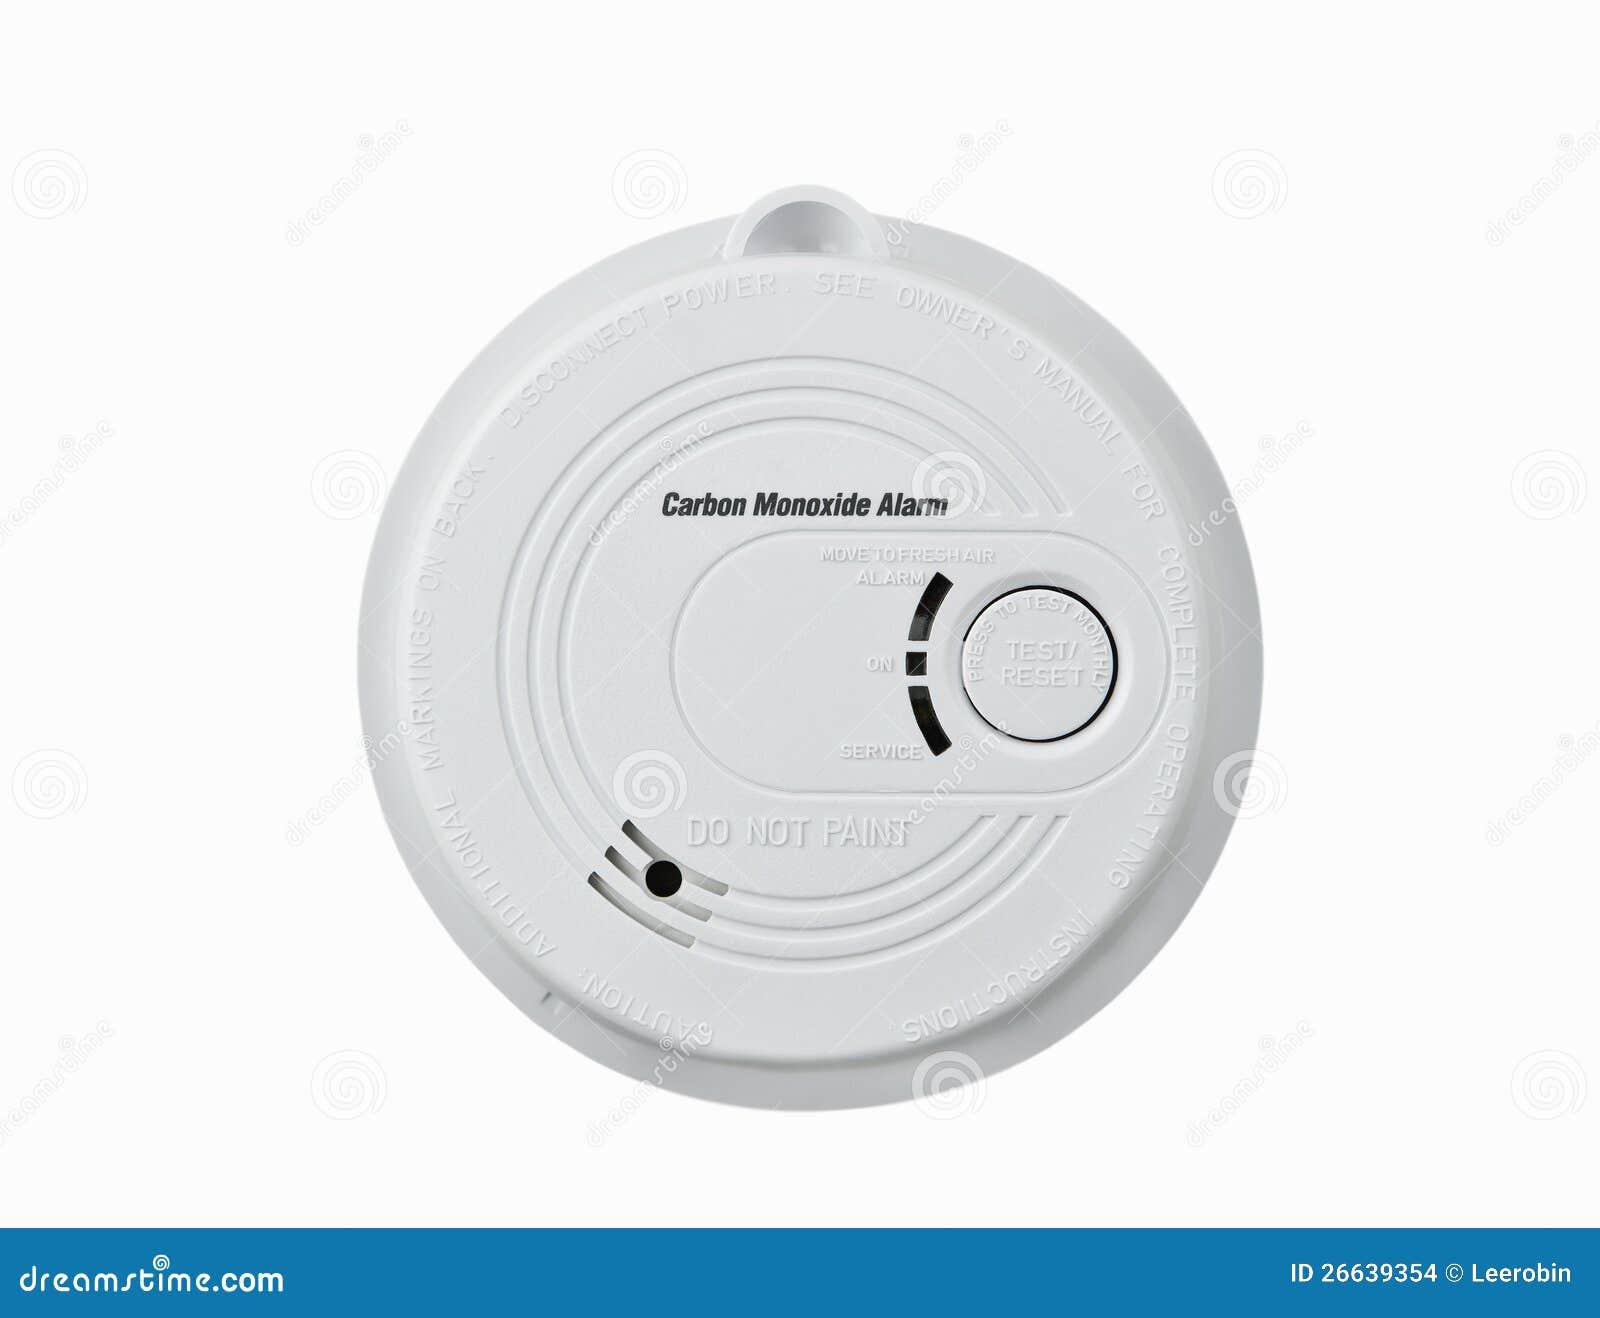 carbon monoxide alarm stock images image 26639354. Black Bedroom Furniture Sets. Home Design Ideas